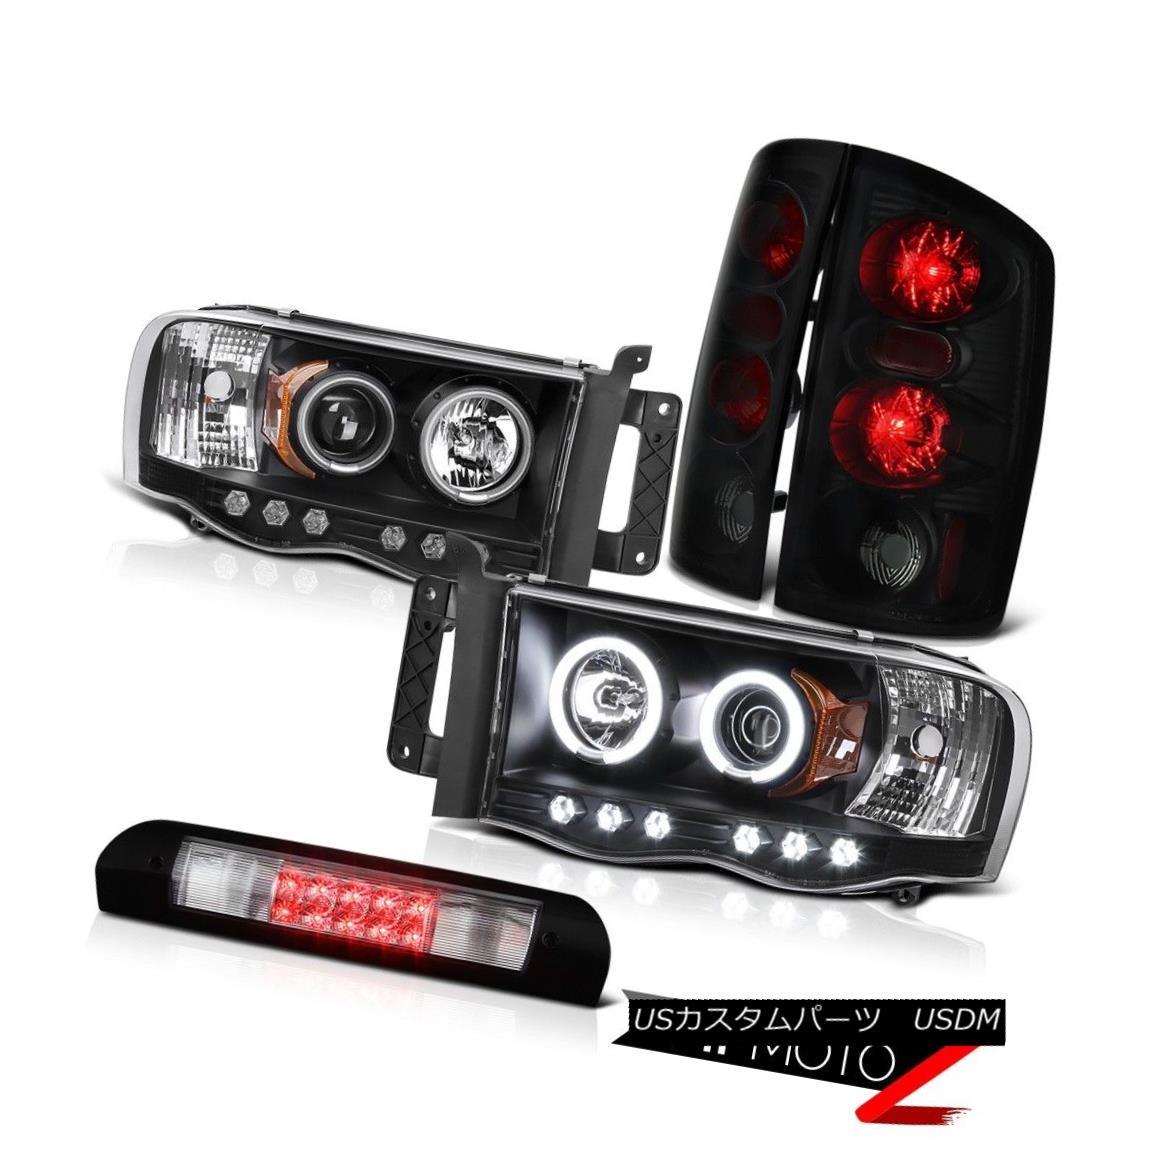 ヘッドライト Headlamps Sinister Black Rear Tail Lights Roof Stop LED Clear 2002-2005 Ram SLT ヘッドランプSinister BlackリアテールライトルーフストップLED Clear 2002-2005 Ram SLT